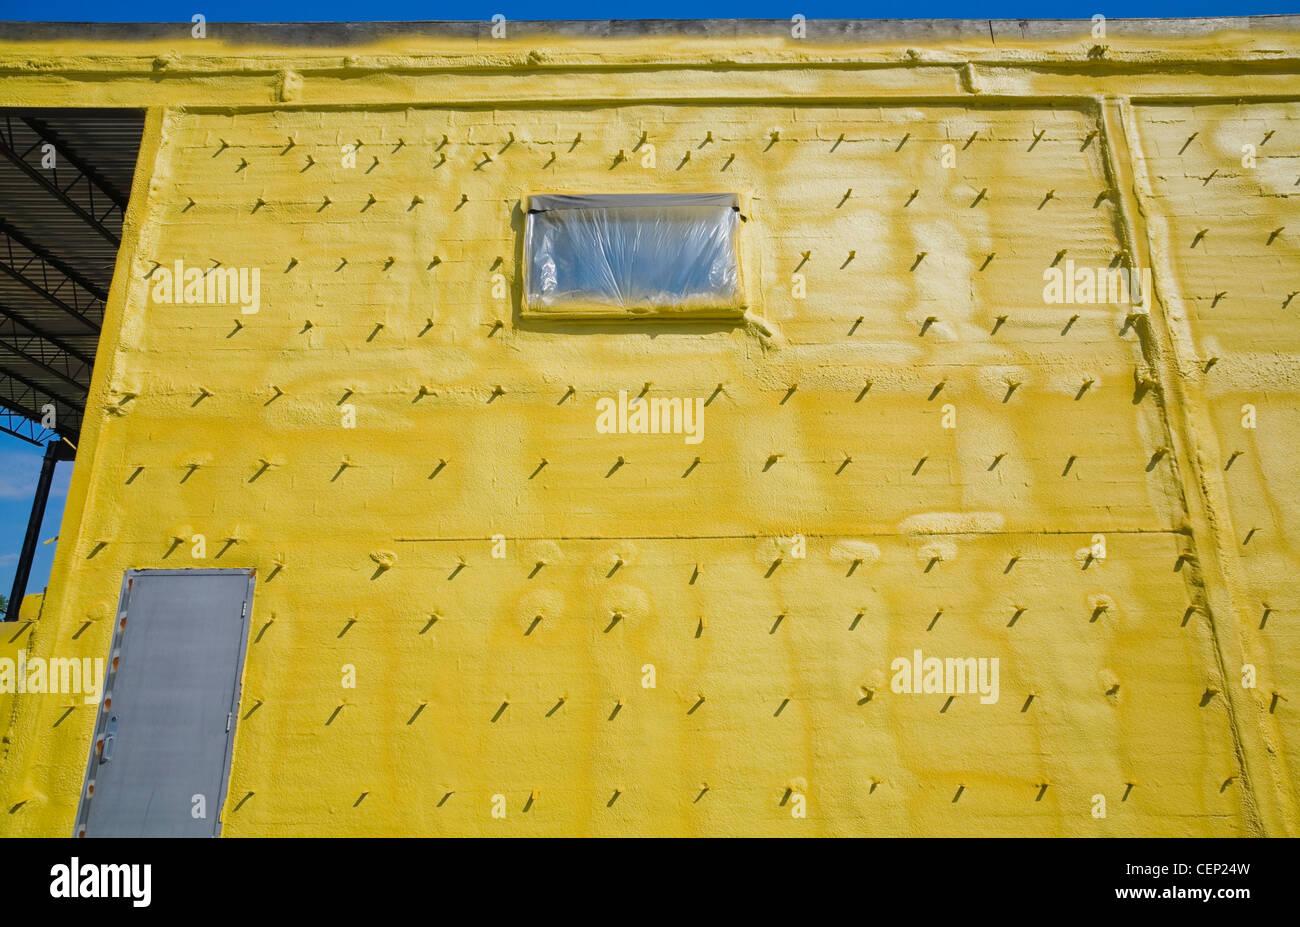 Gelber Schaum-Isolierung an der Außenwand eines Gebäudes Industrial ...